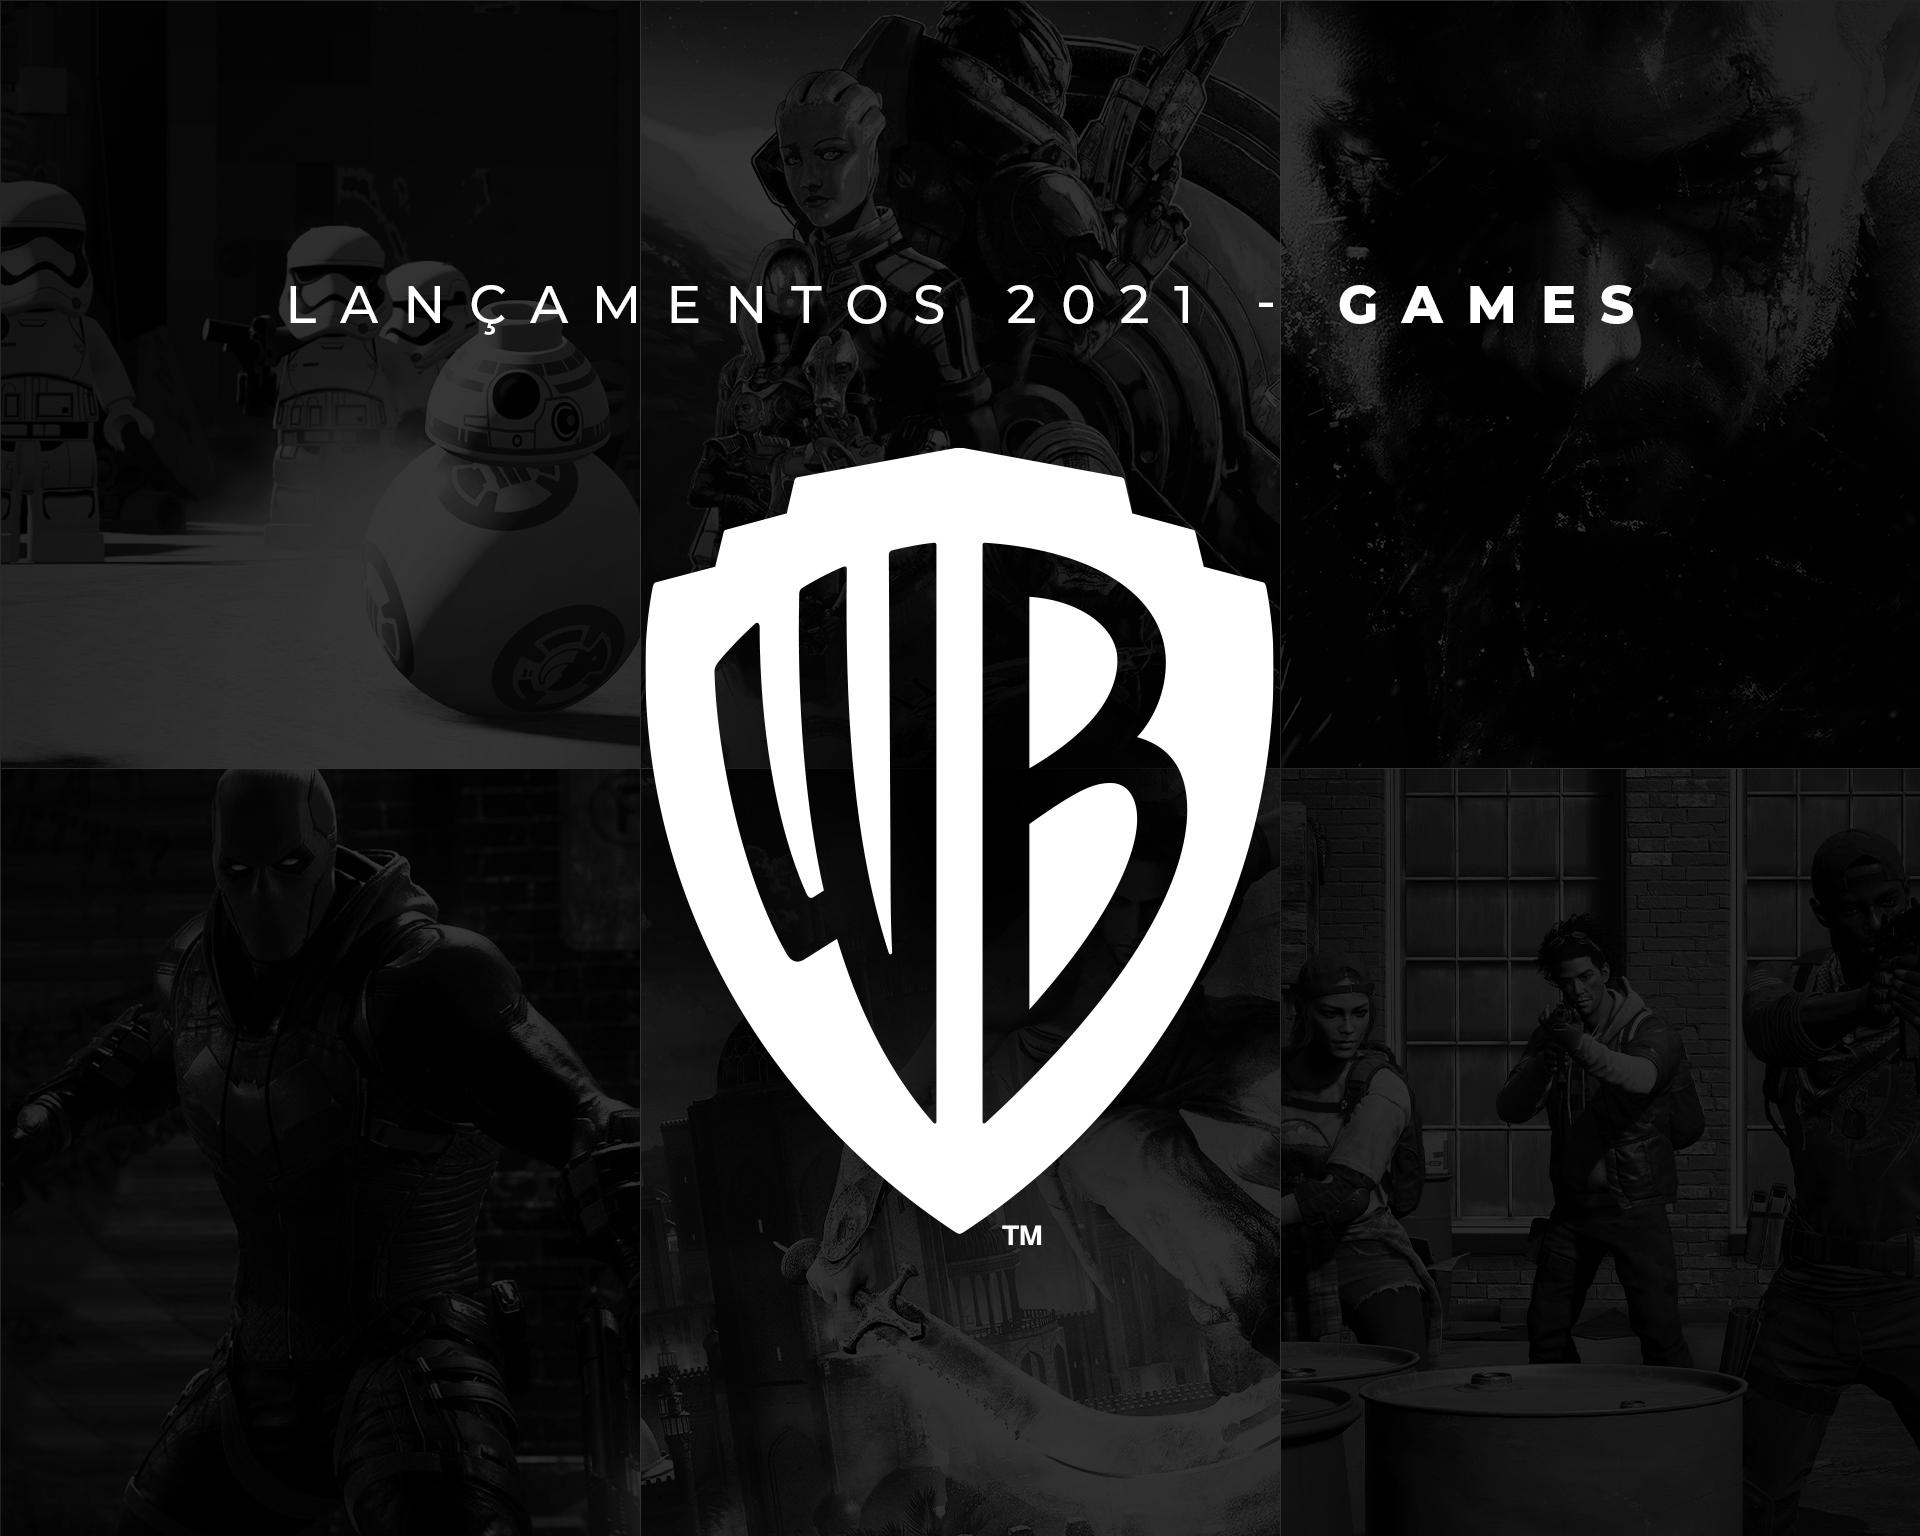 Os games que vão alegrar 2021 - Banner